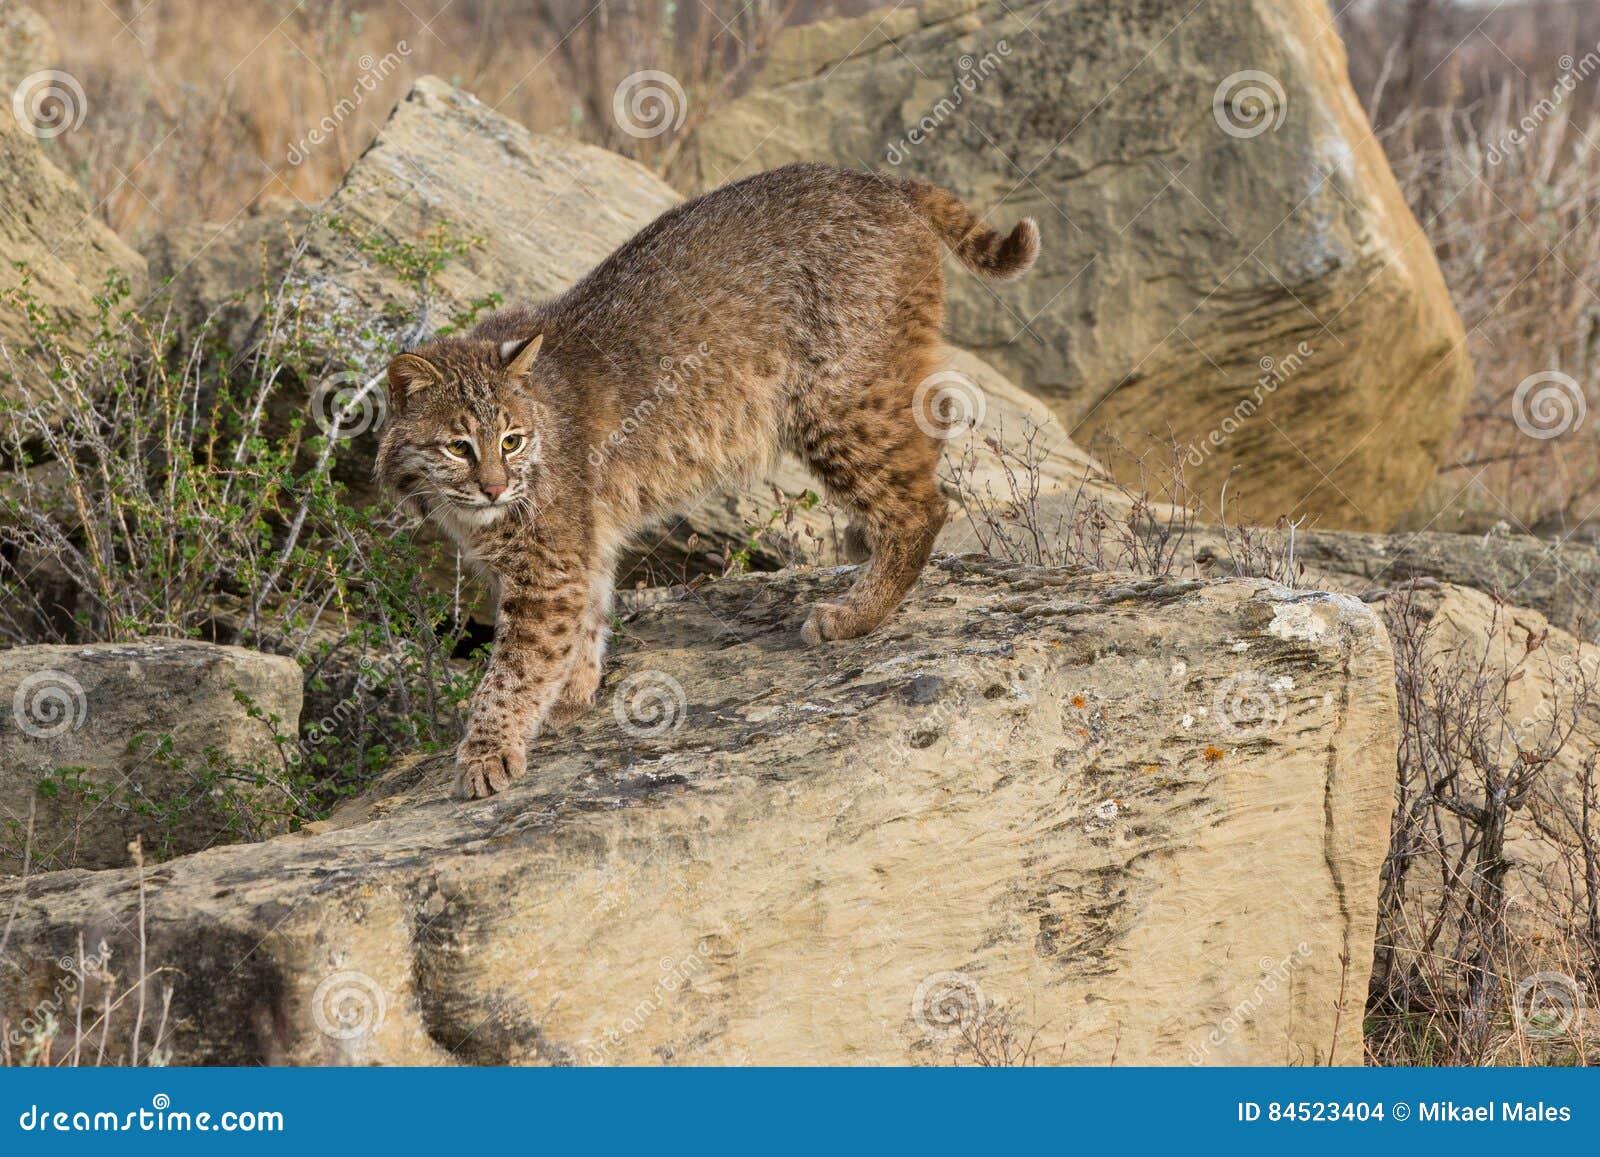 Bobcat on hunt